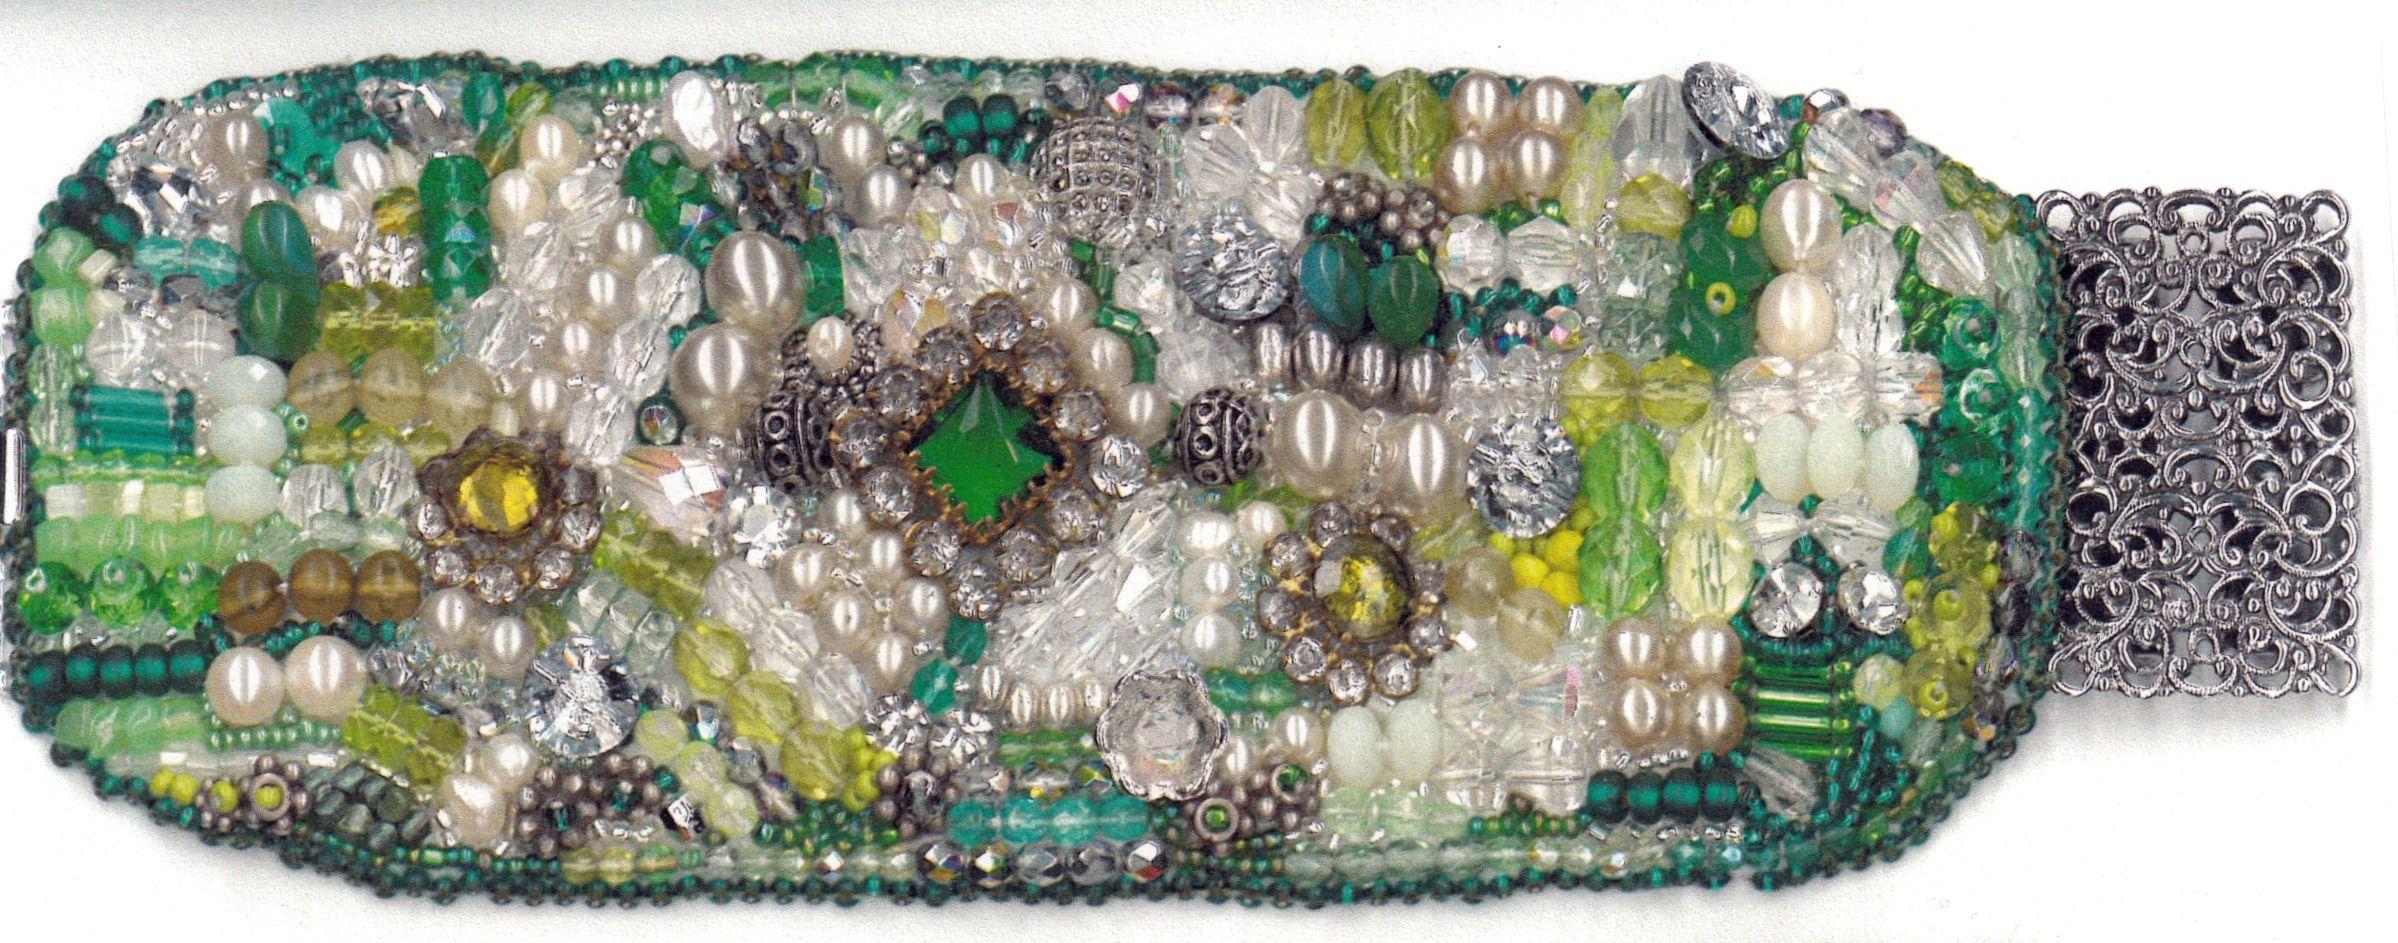 Perlenarmband - Perlen entnommen aus einer alten bulgarischen Bauernhochzeitskrone/Handarbeit/Anke Weidner